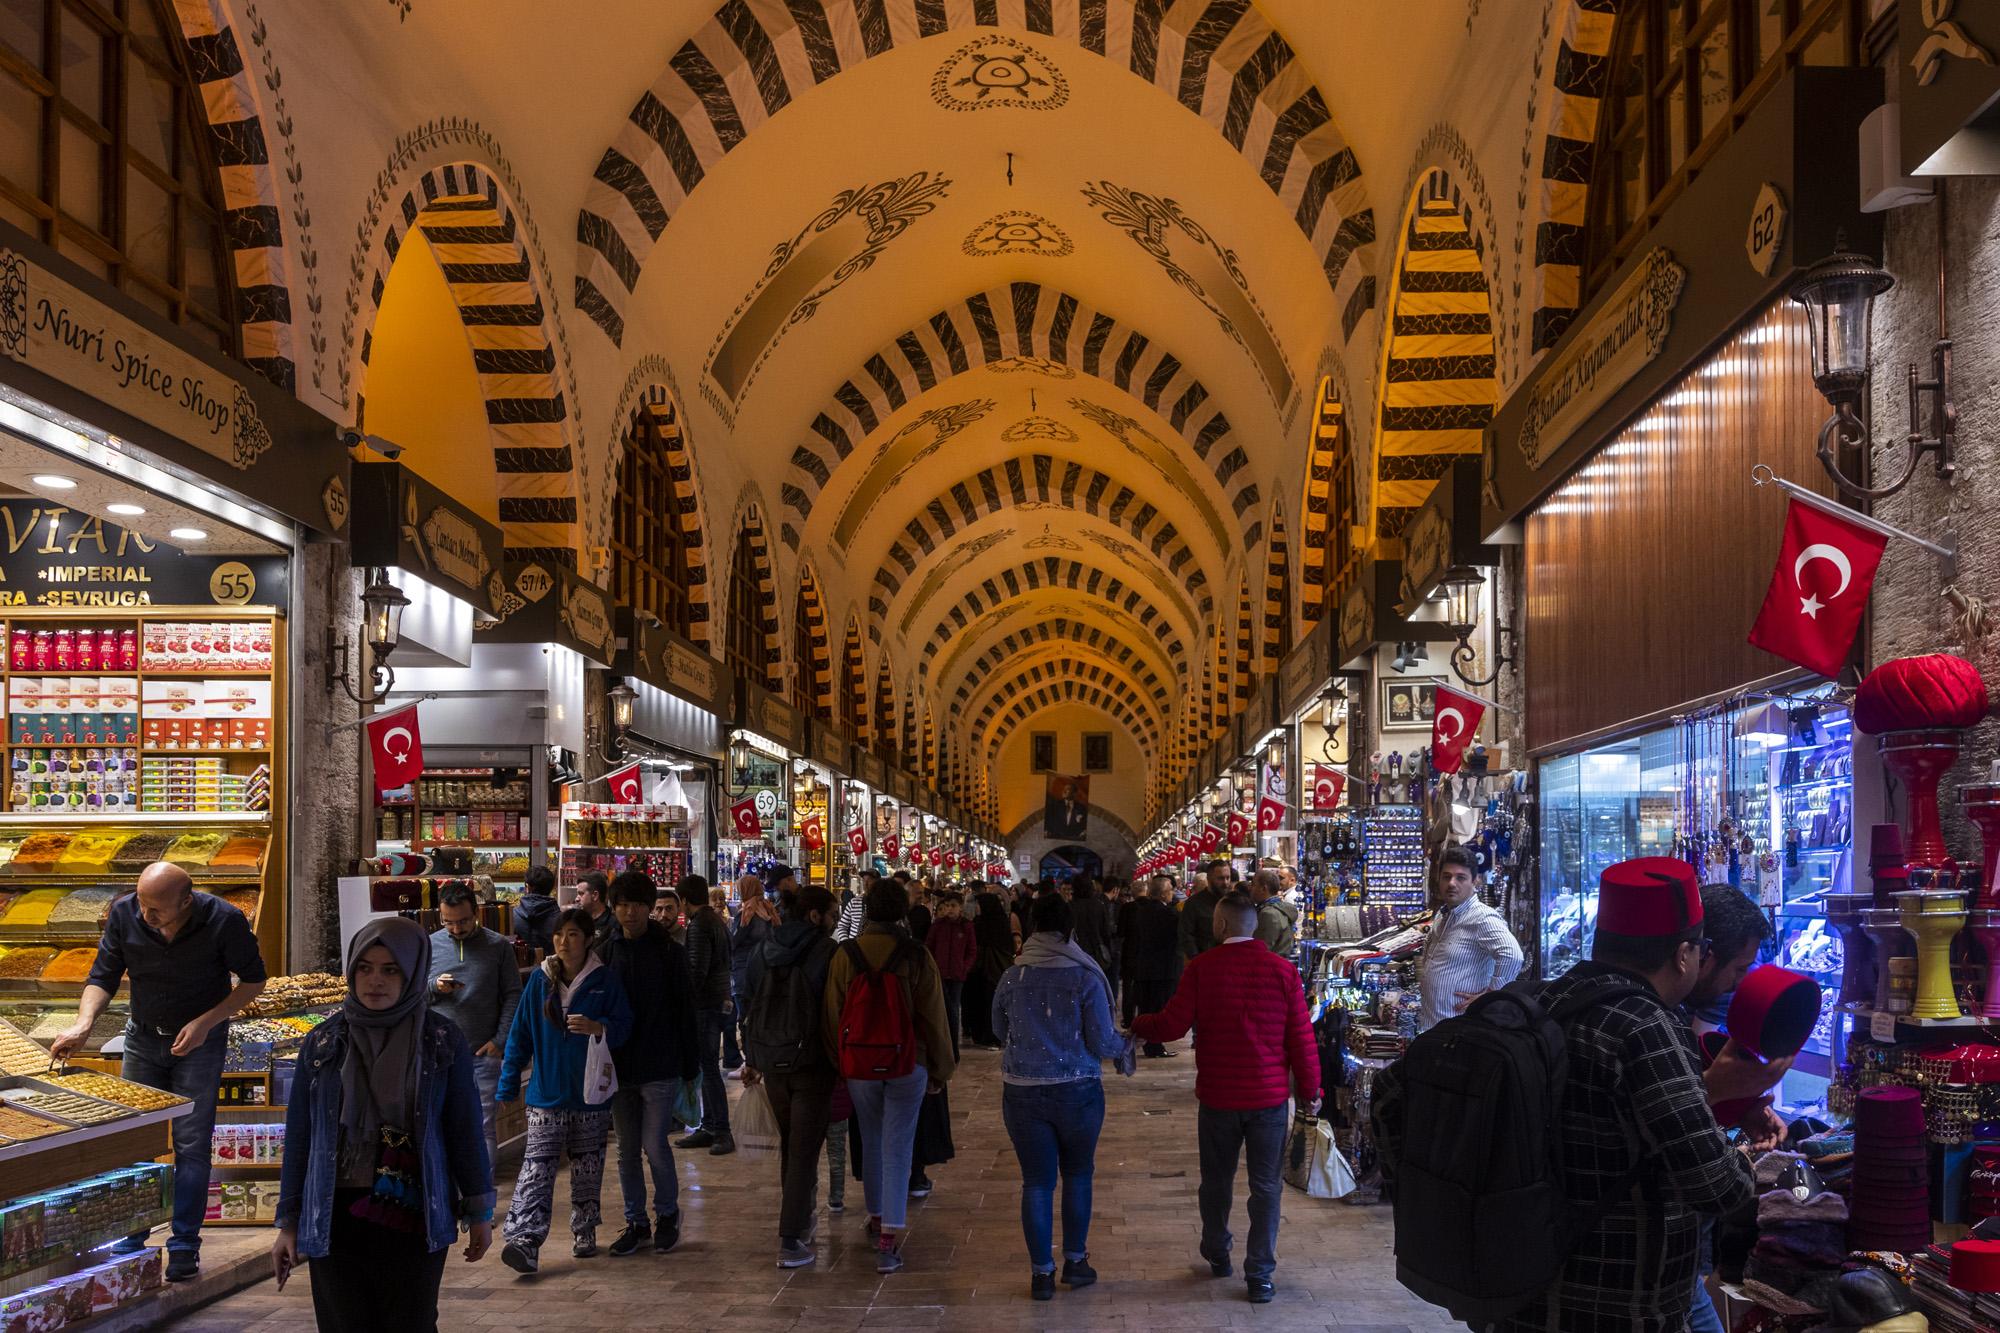 Mısır Çarşısı (Bazar aux épices) dans la ville d'İstanbul en Turquie